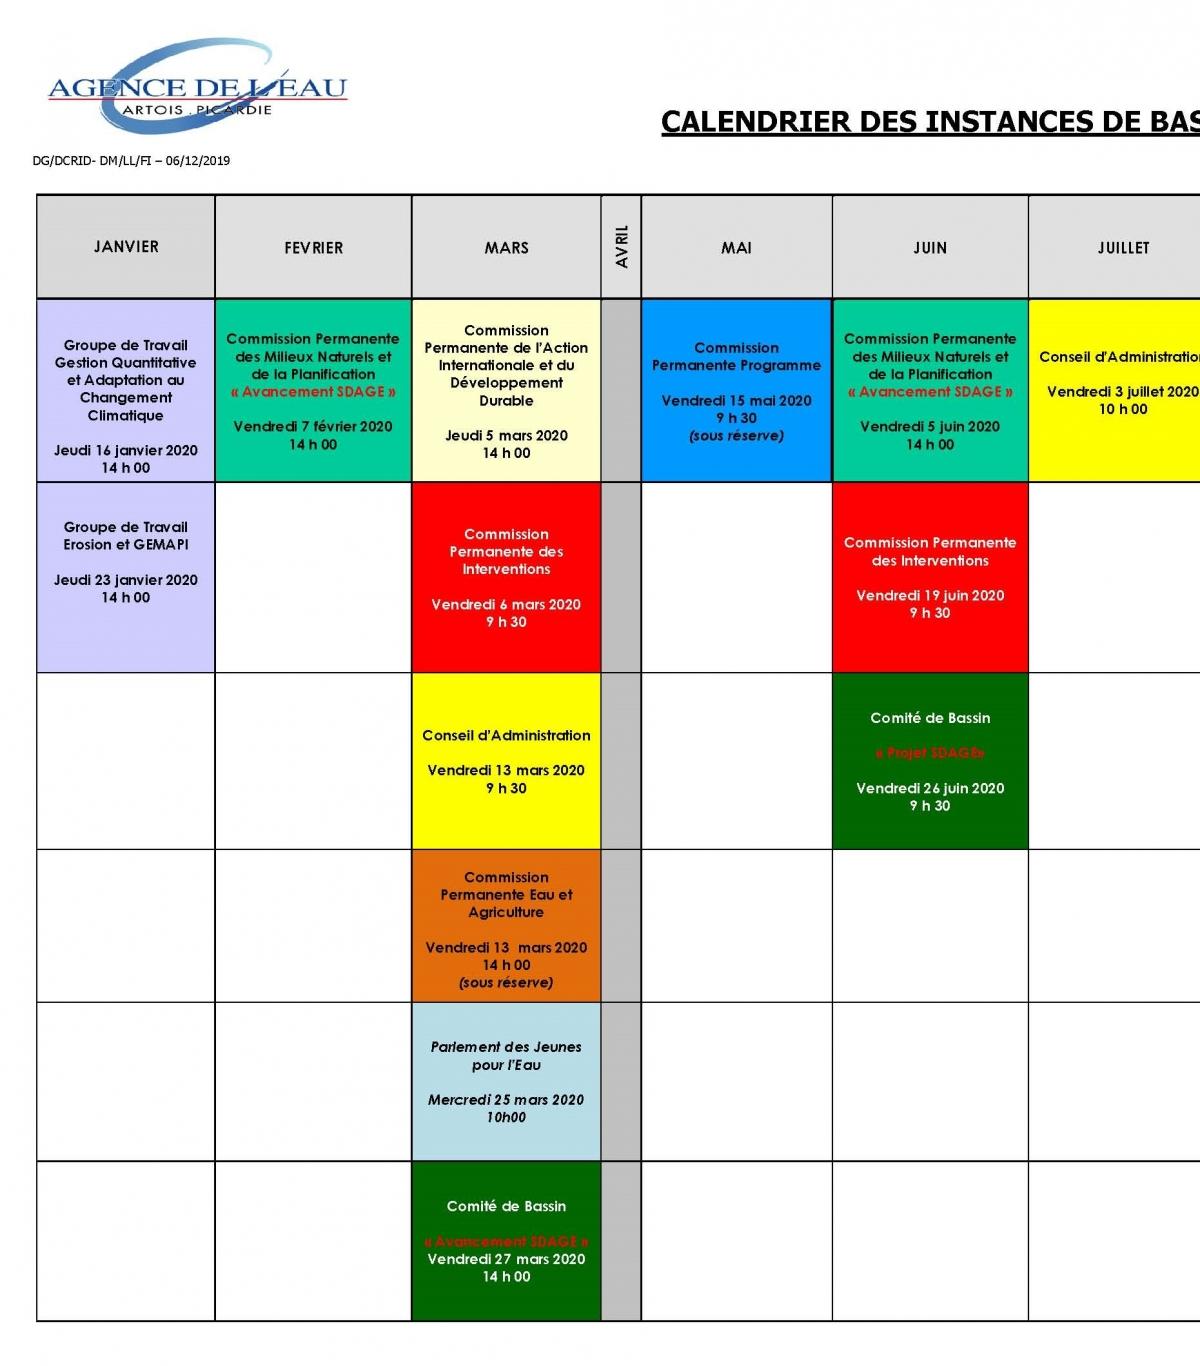 calendrier_des_instances_de_bassin_2020_partie_1-_vf.jpg